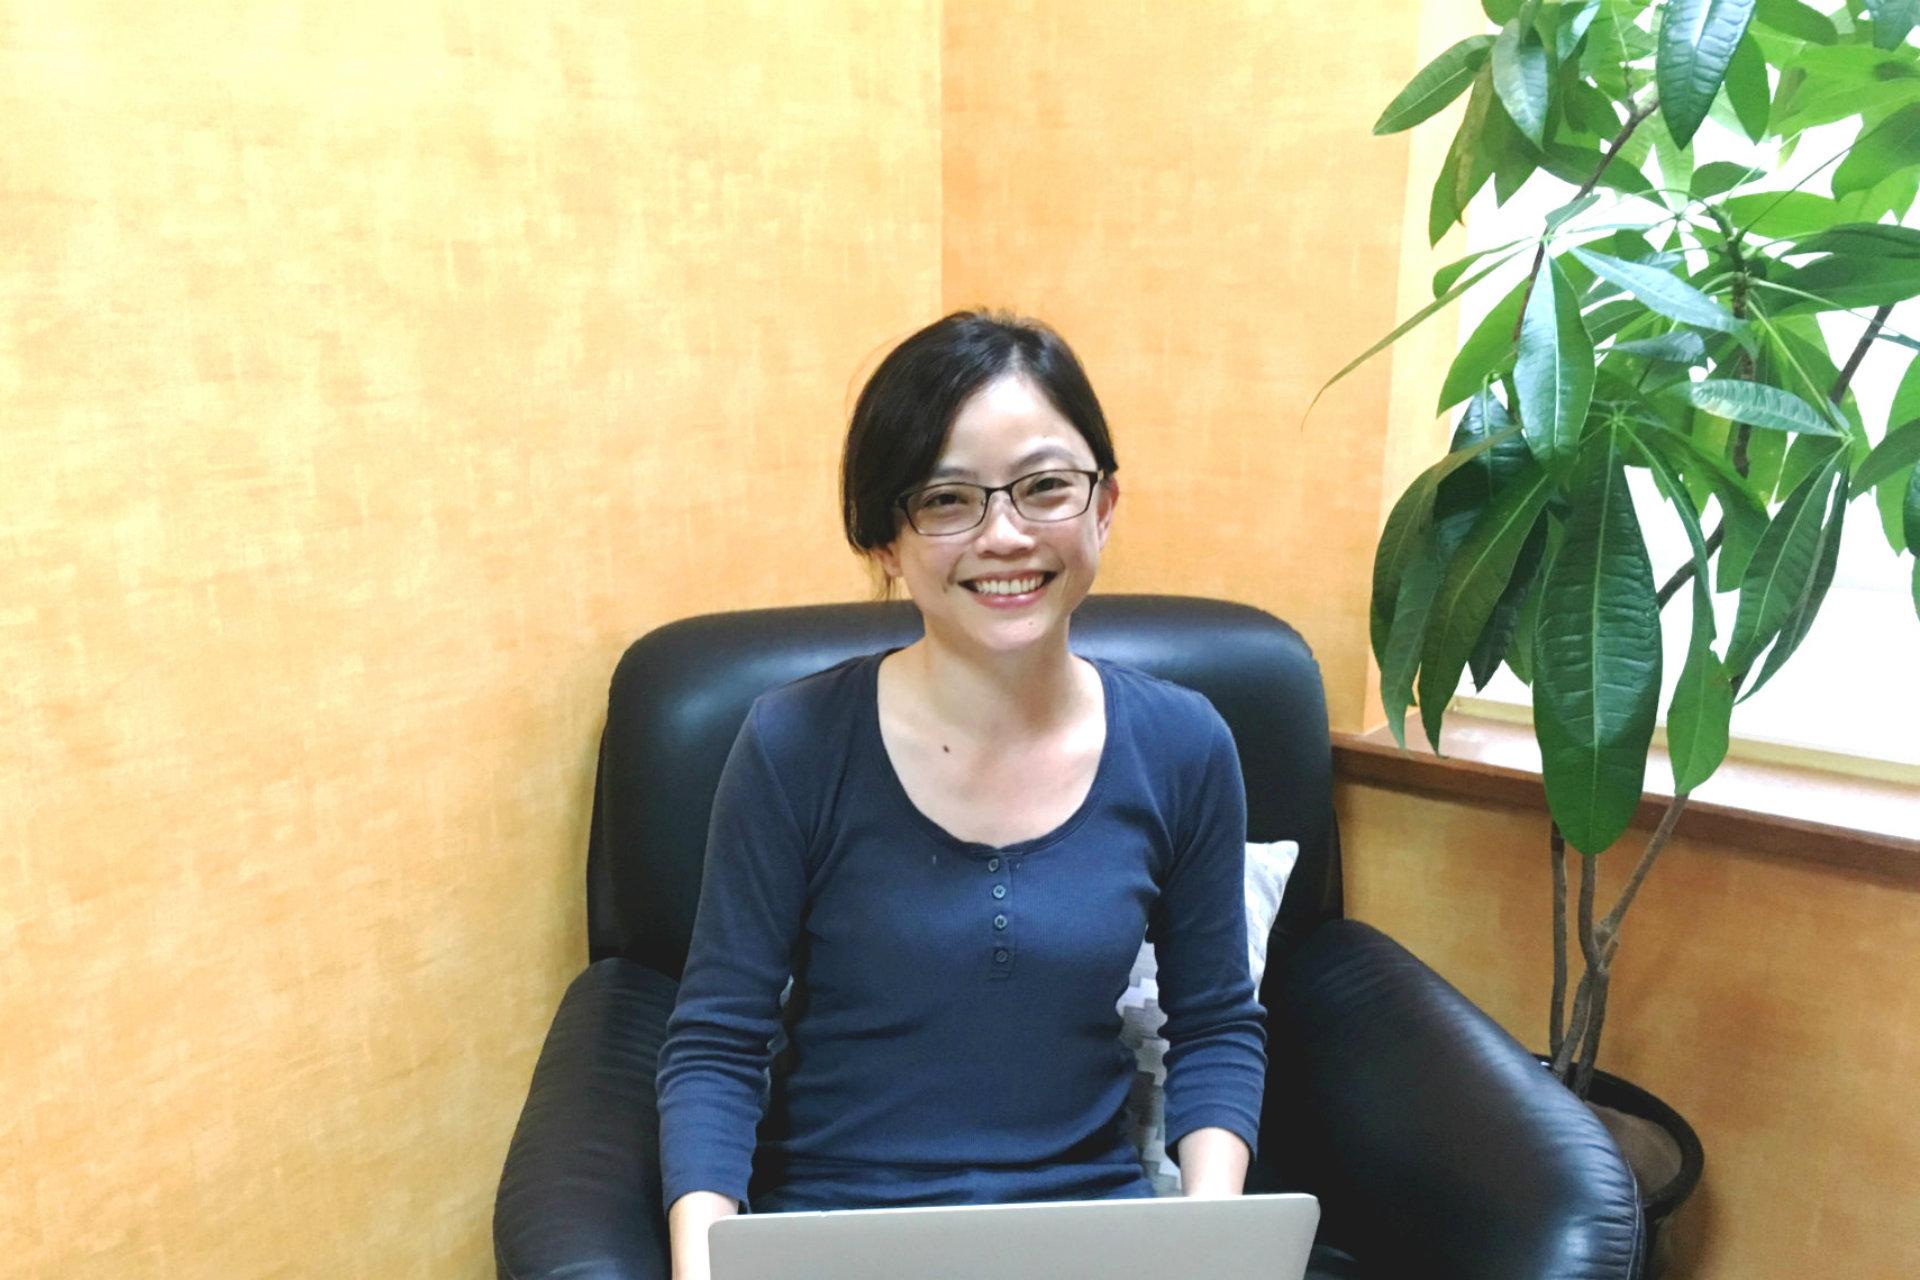 【語音專訪科技業】現在學程式真的來得及?重點是妳想解決什麼 – Bootcamps Lead, Girls in Tech,  Dyan Yen